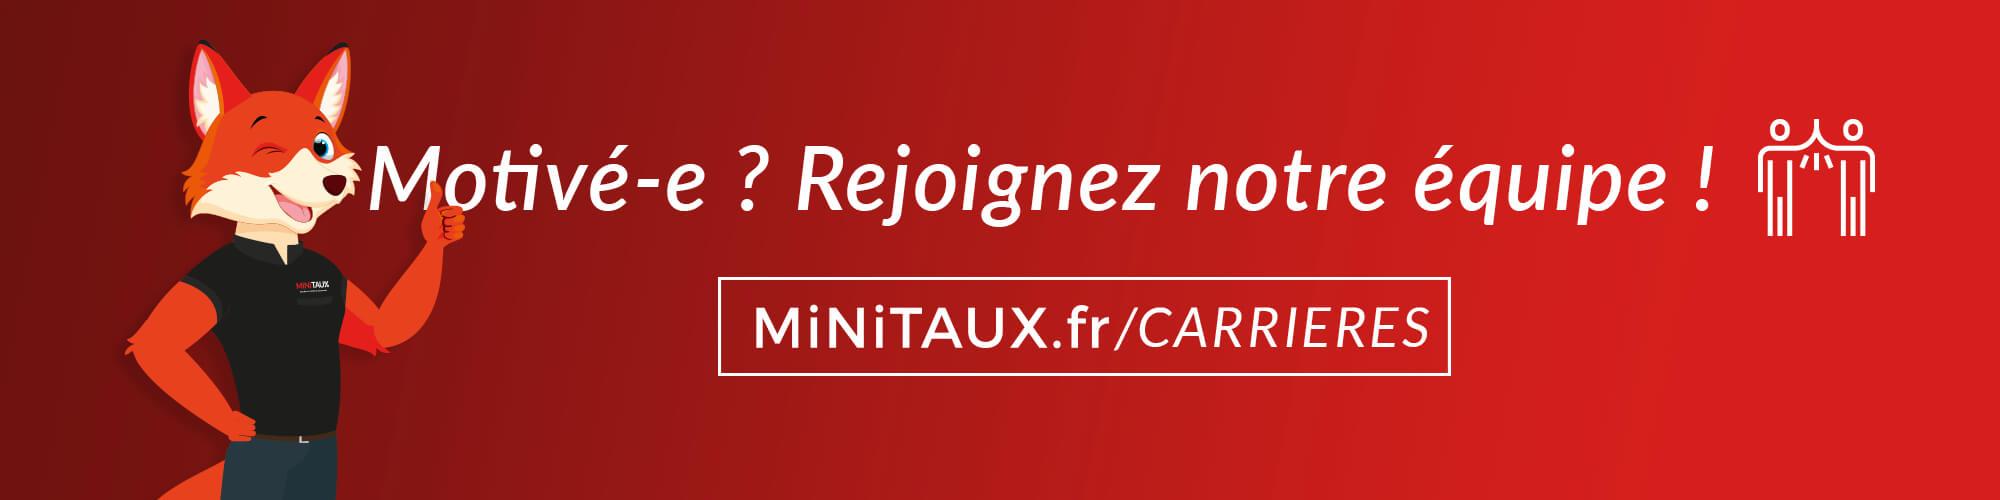 MINITAUX CARRIÈRES